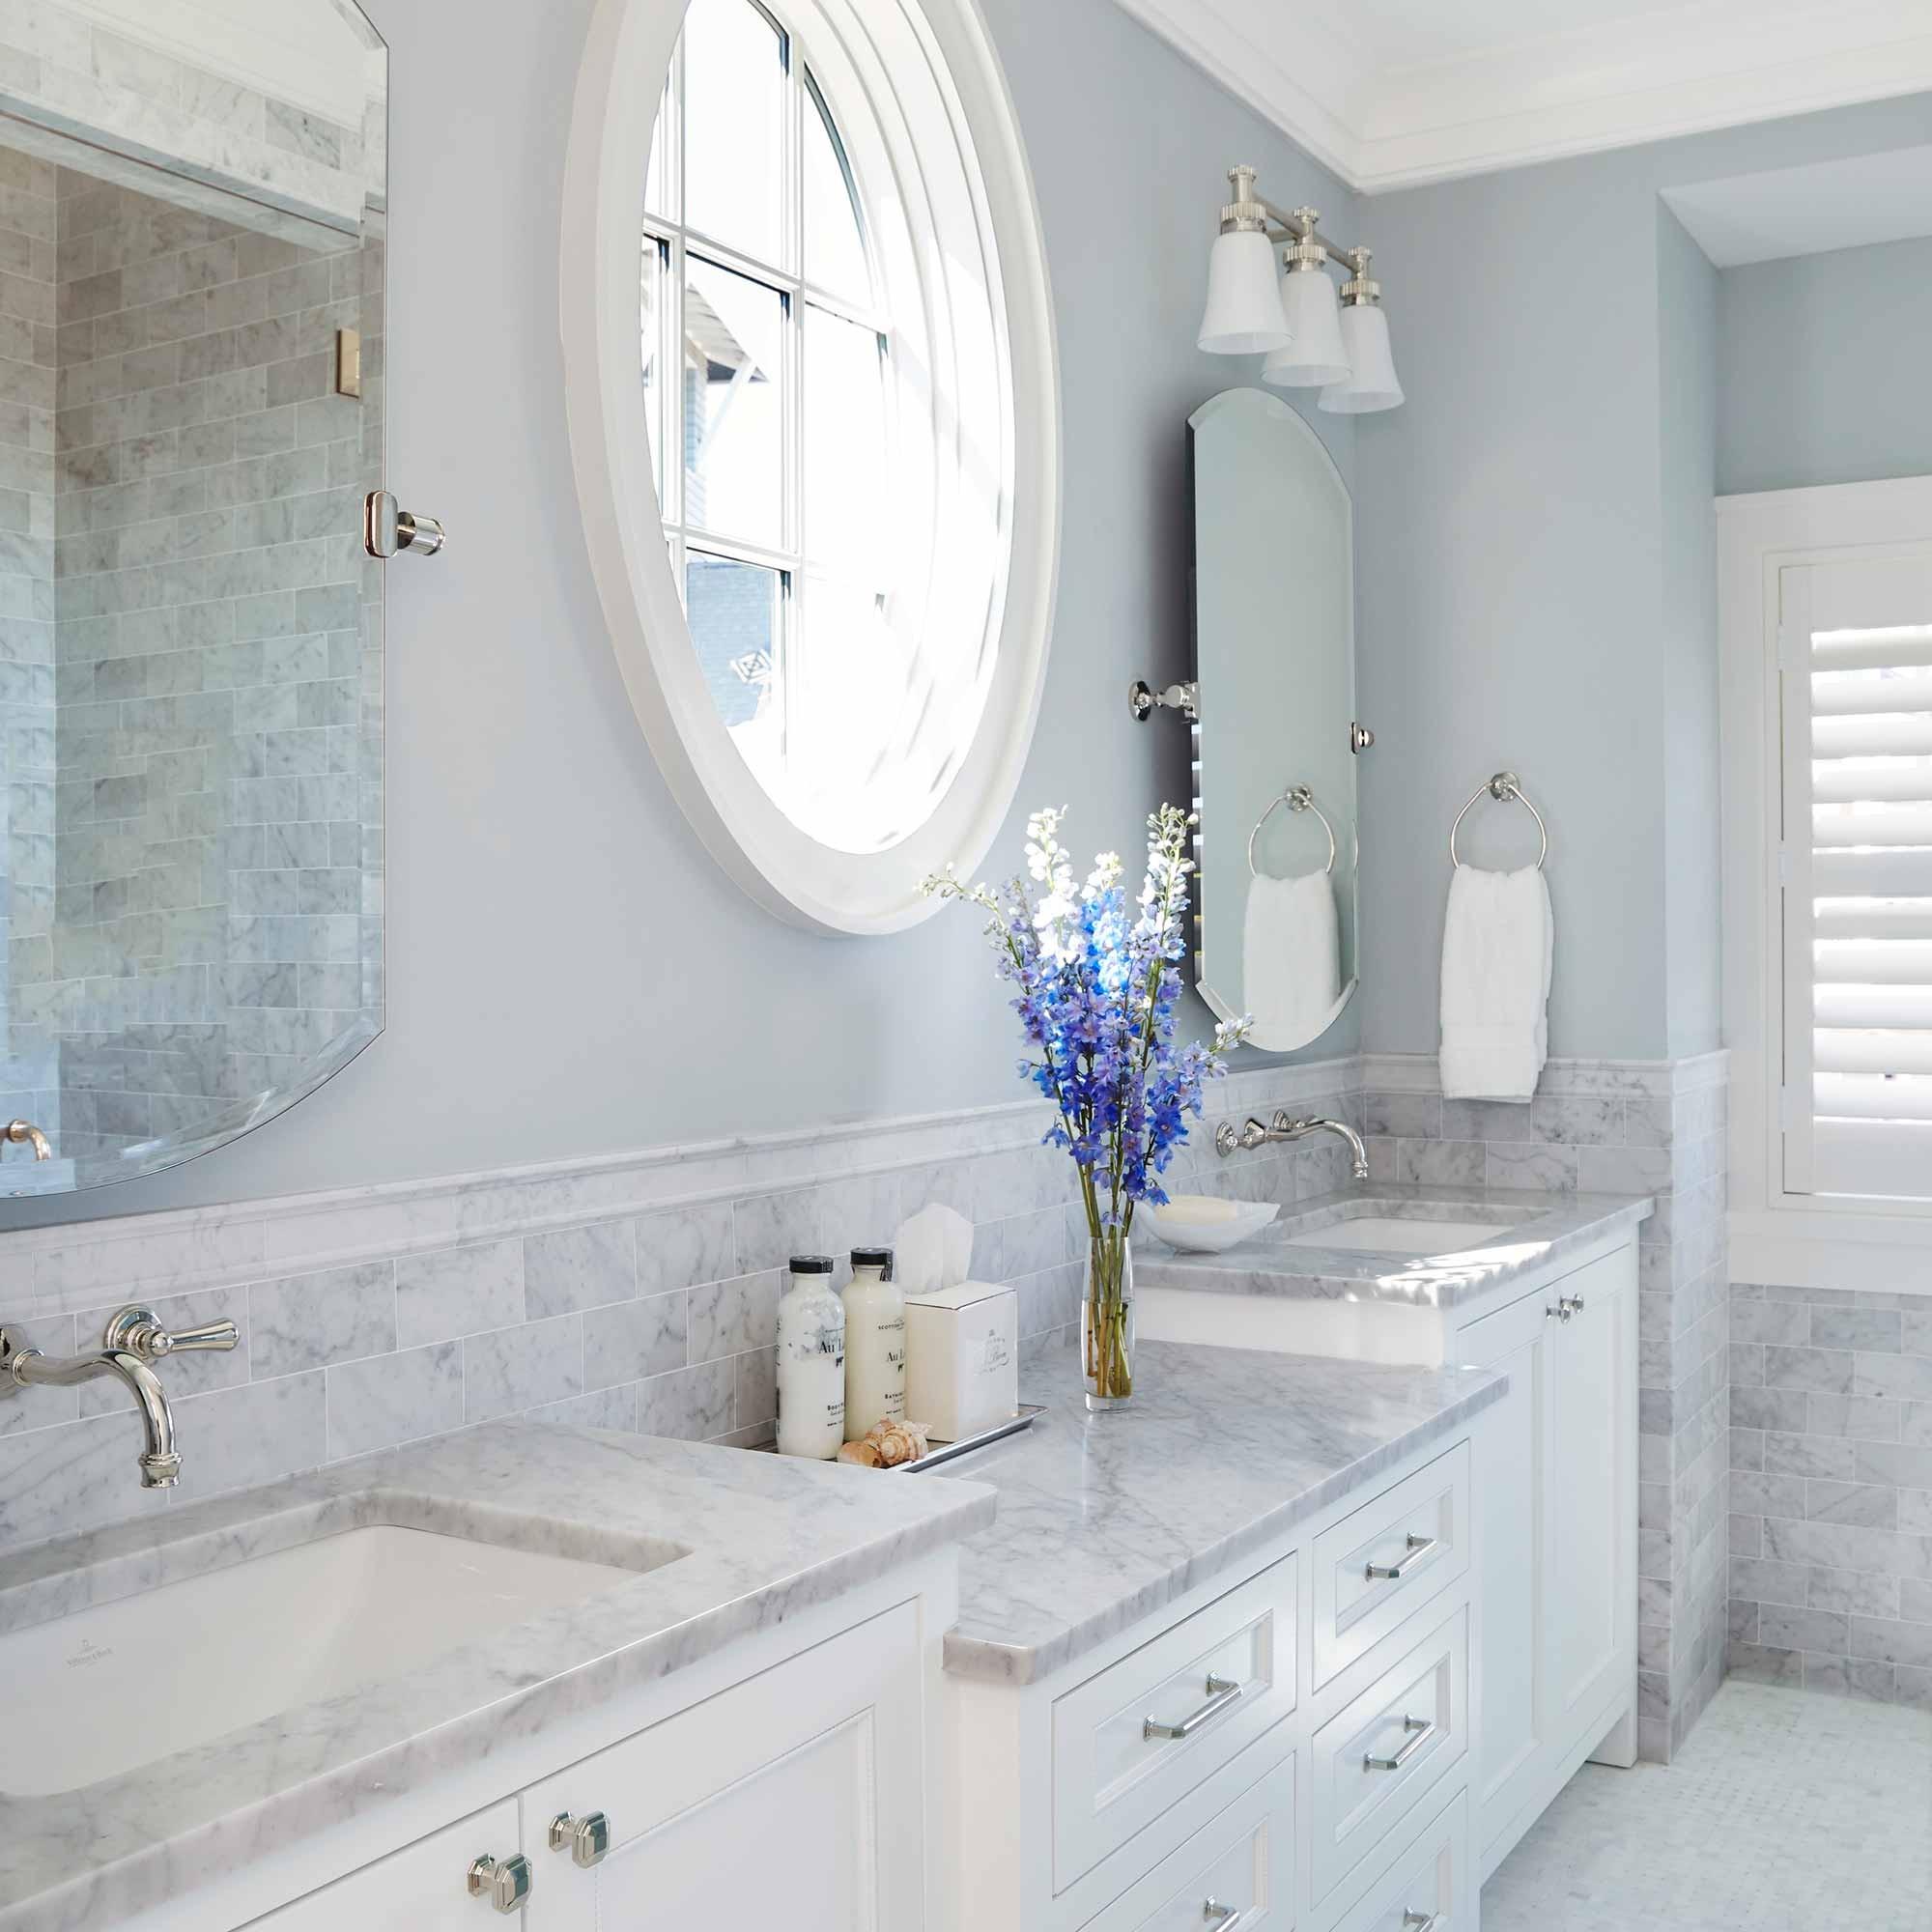 Guest bath interior design in Watersound beach by Darci Hether New York